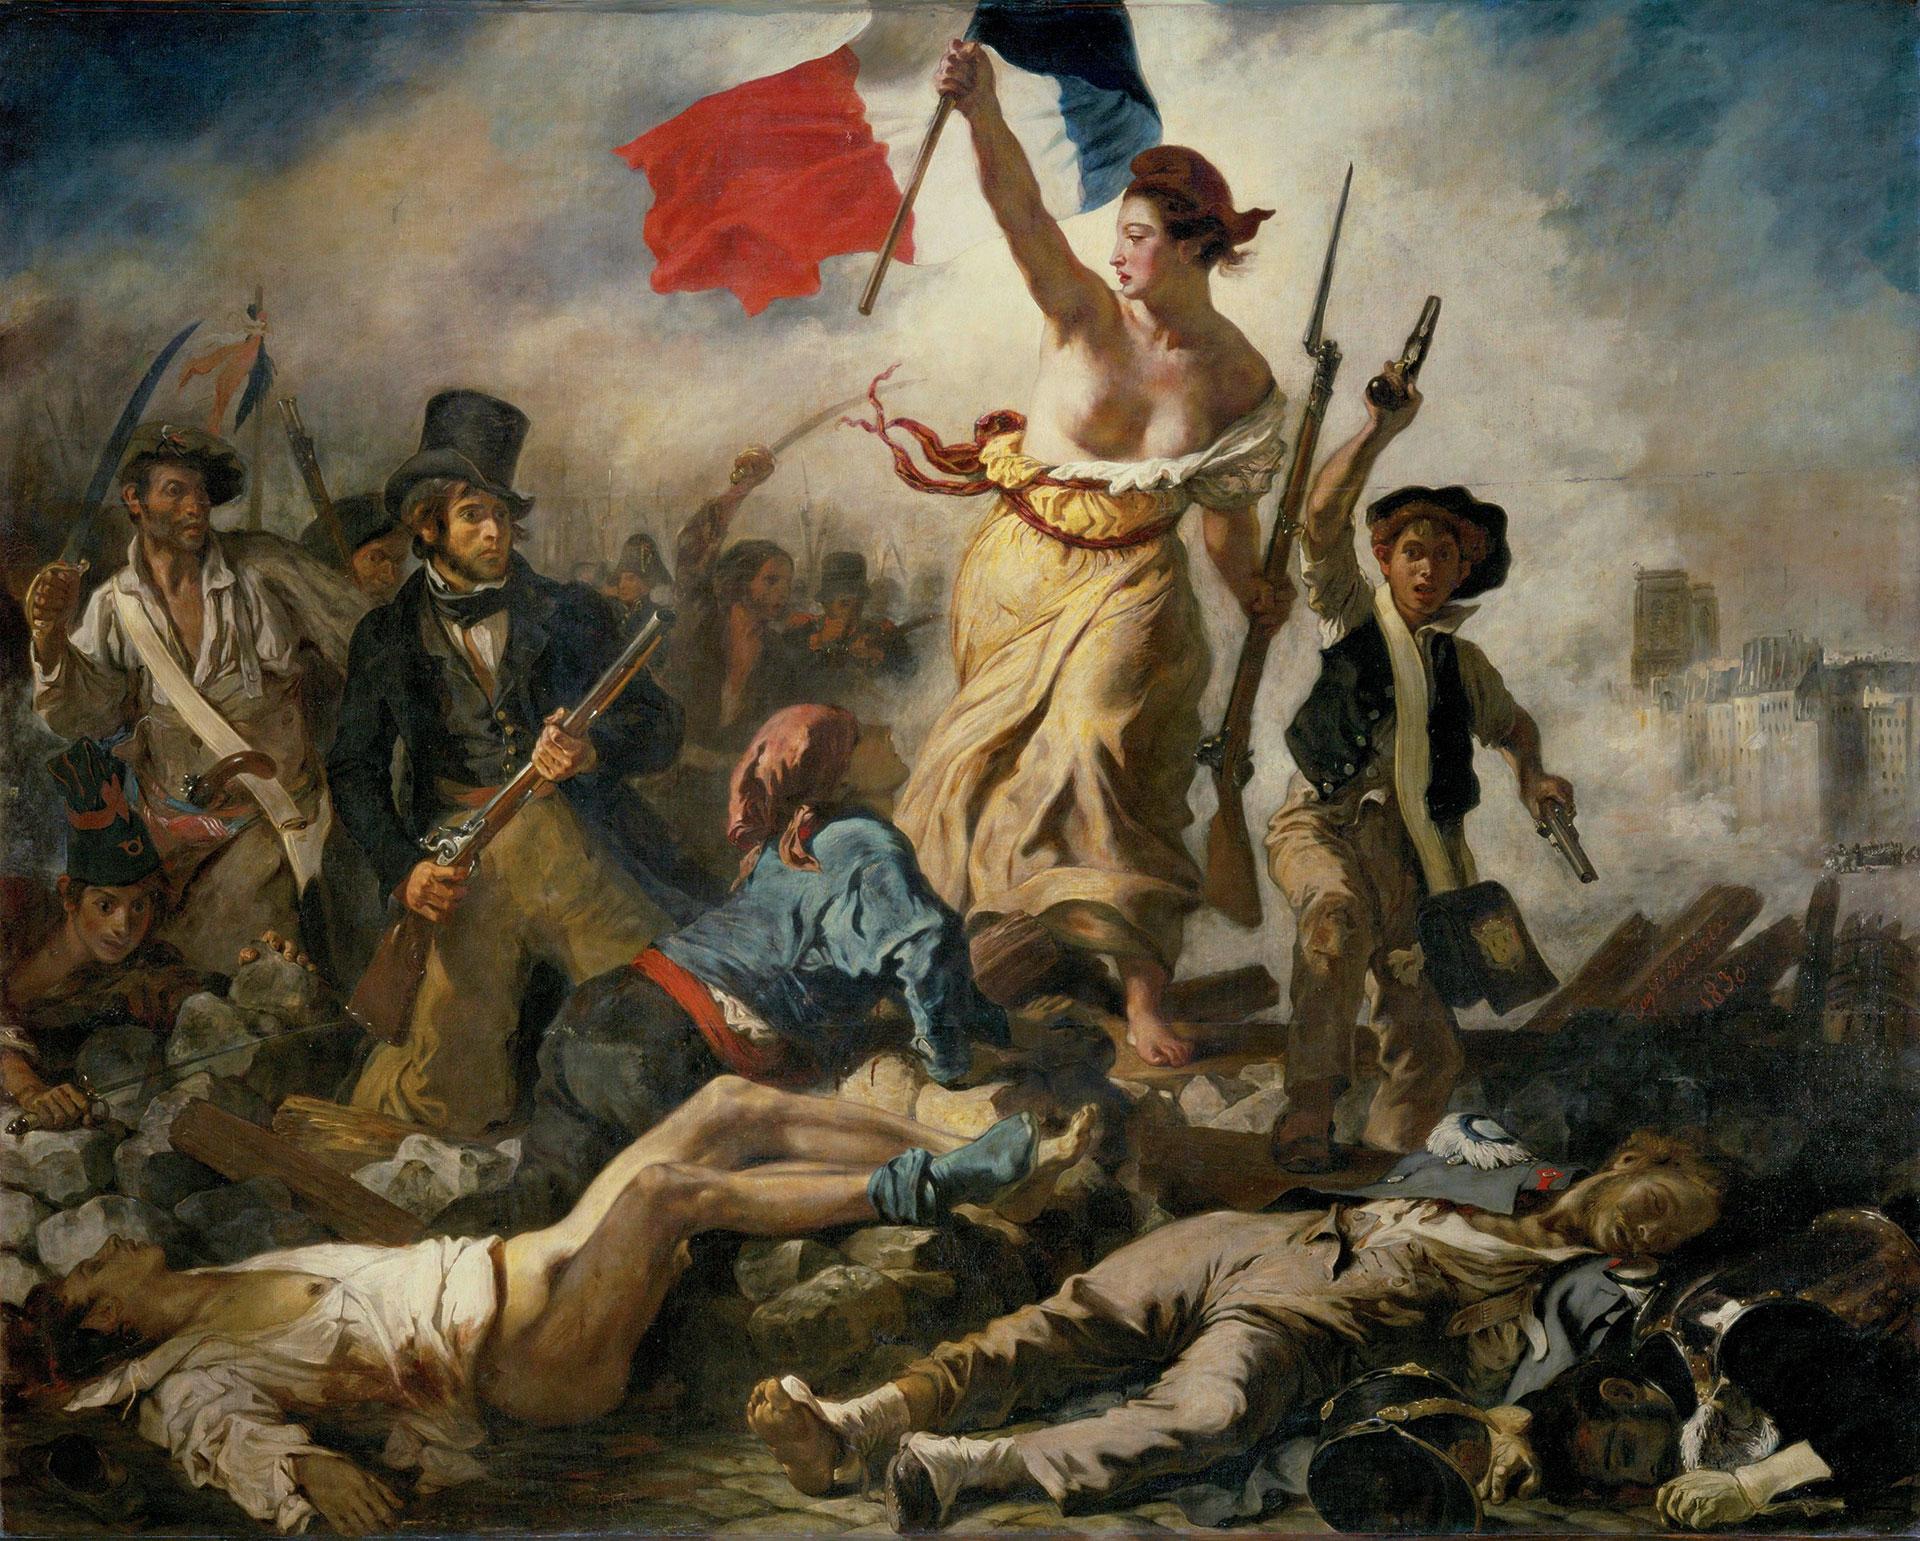 La Libertad guiando al pueblo, Eugène Delacroix.